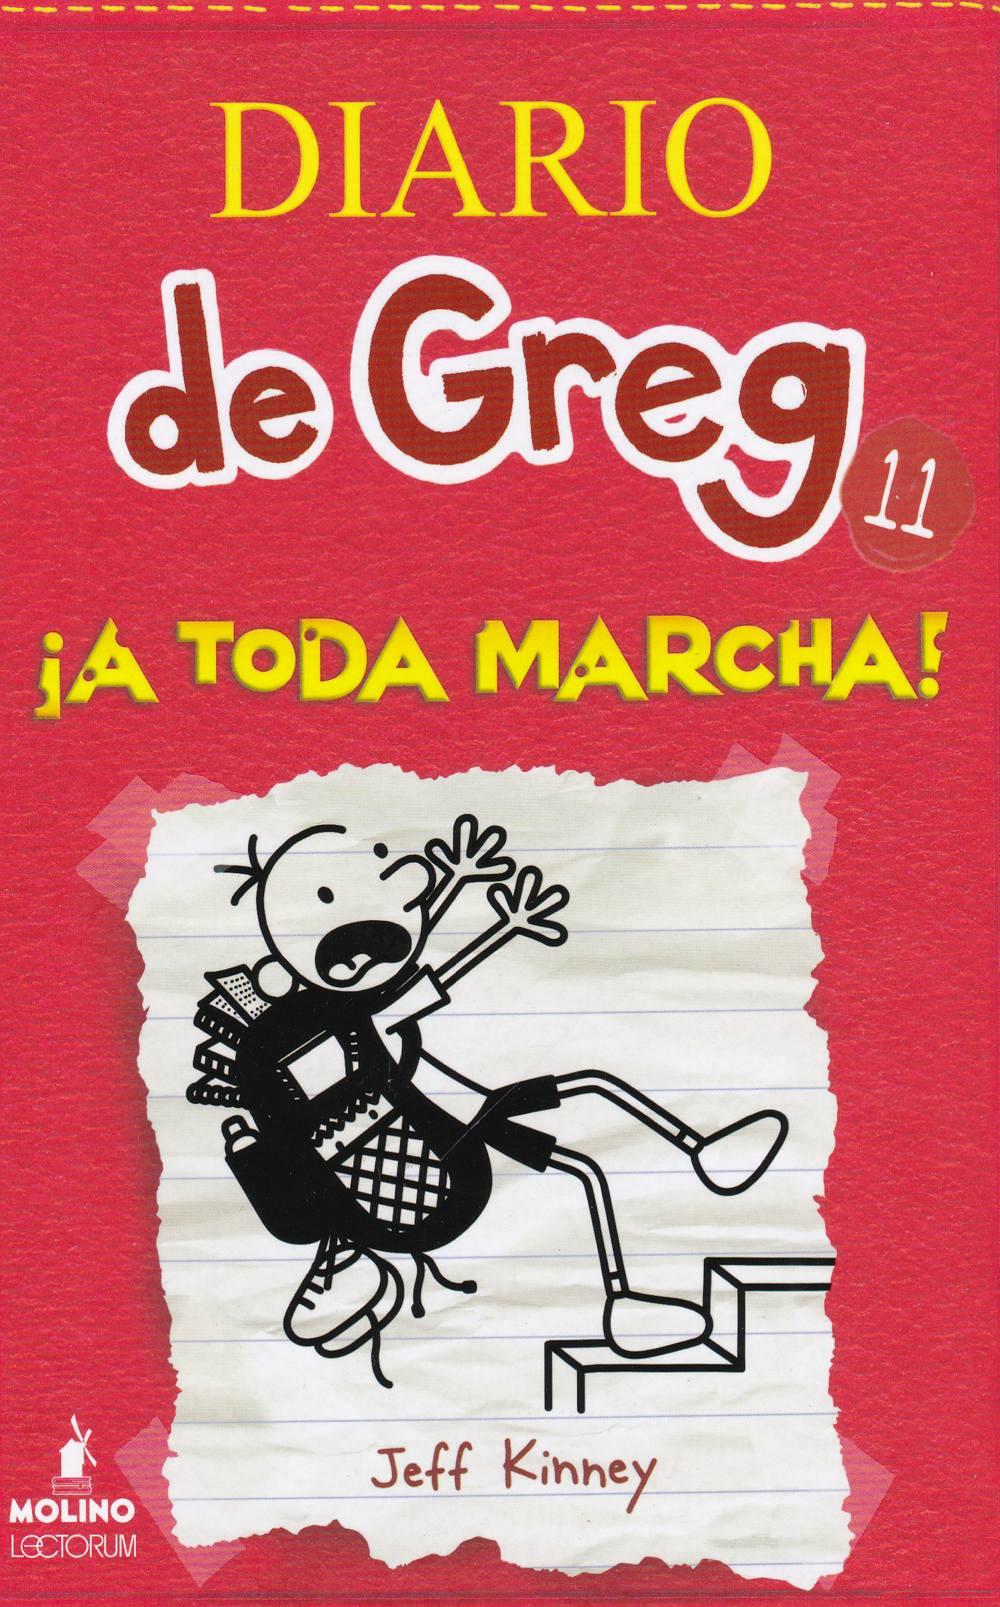 Diario de Greg Collection, Diary of a Wimpy Kid Collection, Rey Del Sol, Del Sol Books, Del Sol University